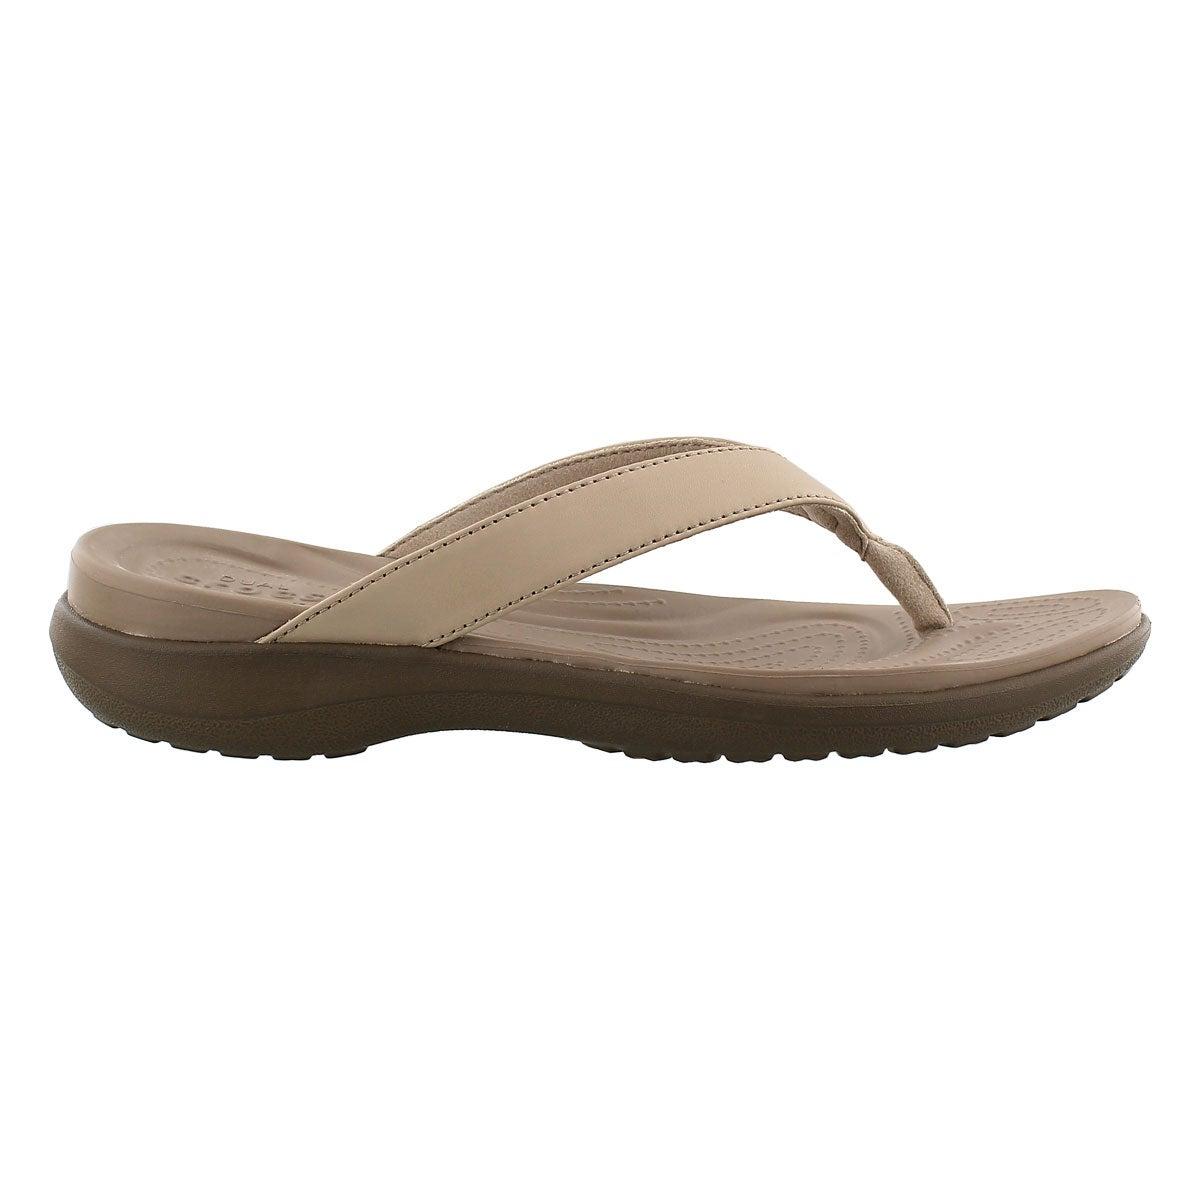 Lds Capri V Flip chia/walnt thong sandal